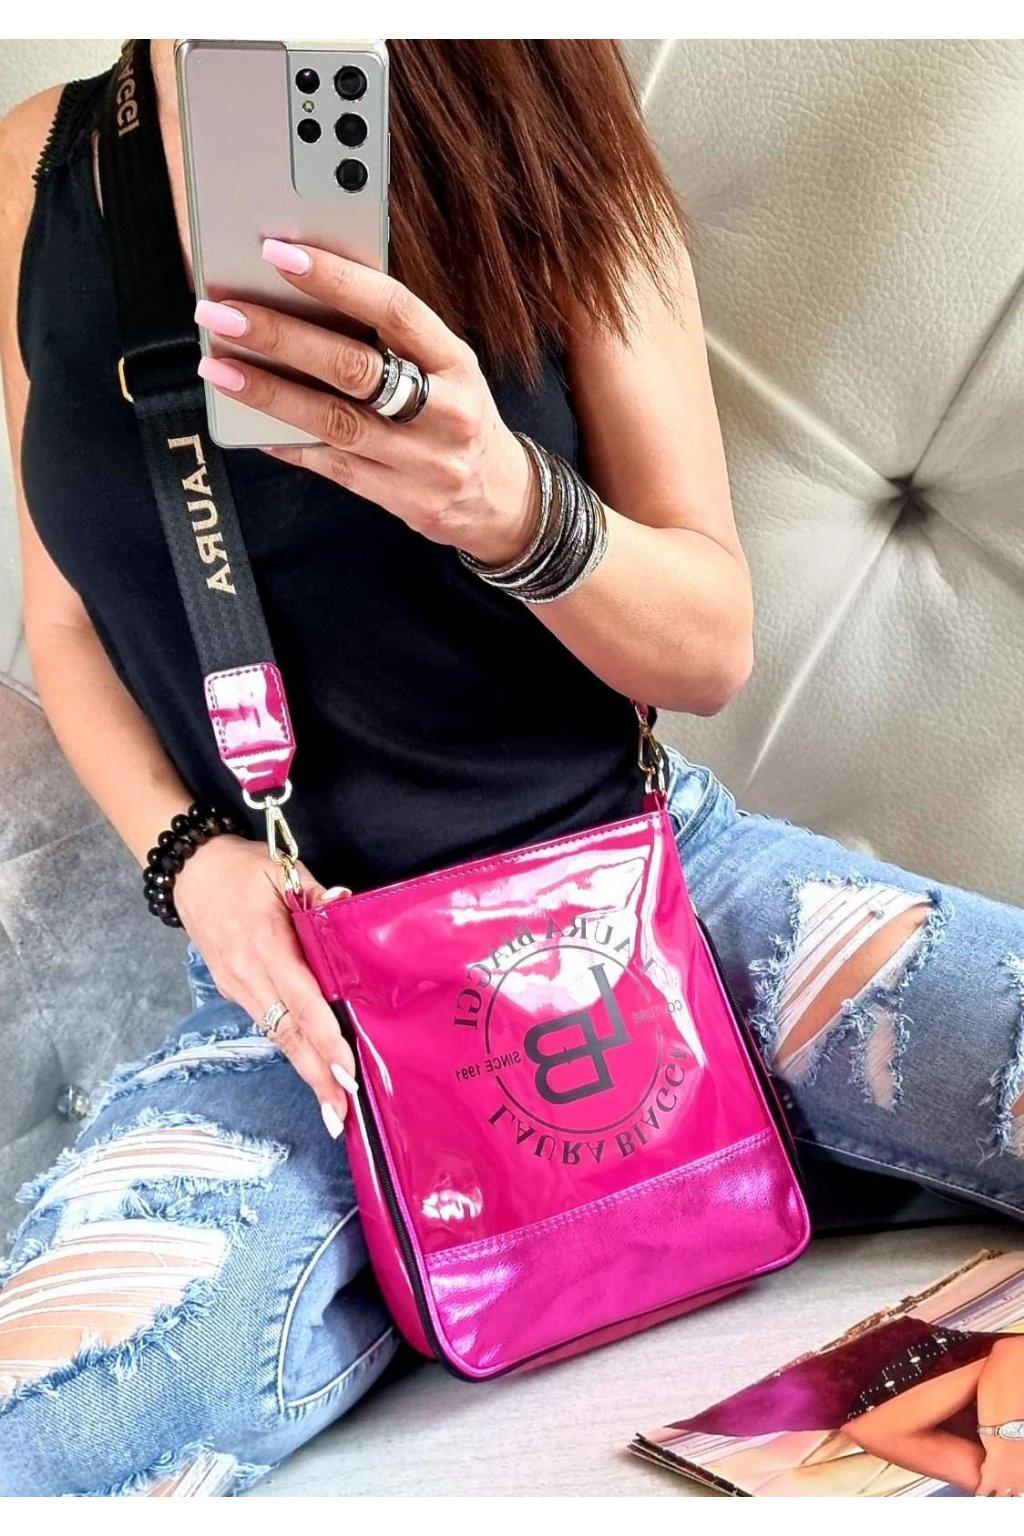 Laura Biaggi značková kabelka luxusní trendy crossbody růžová salvie top design